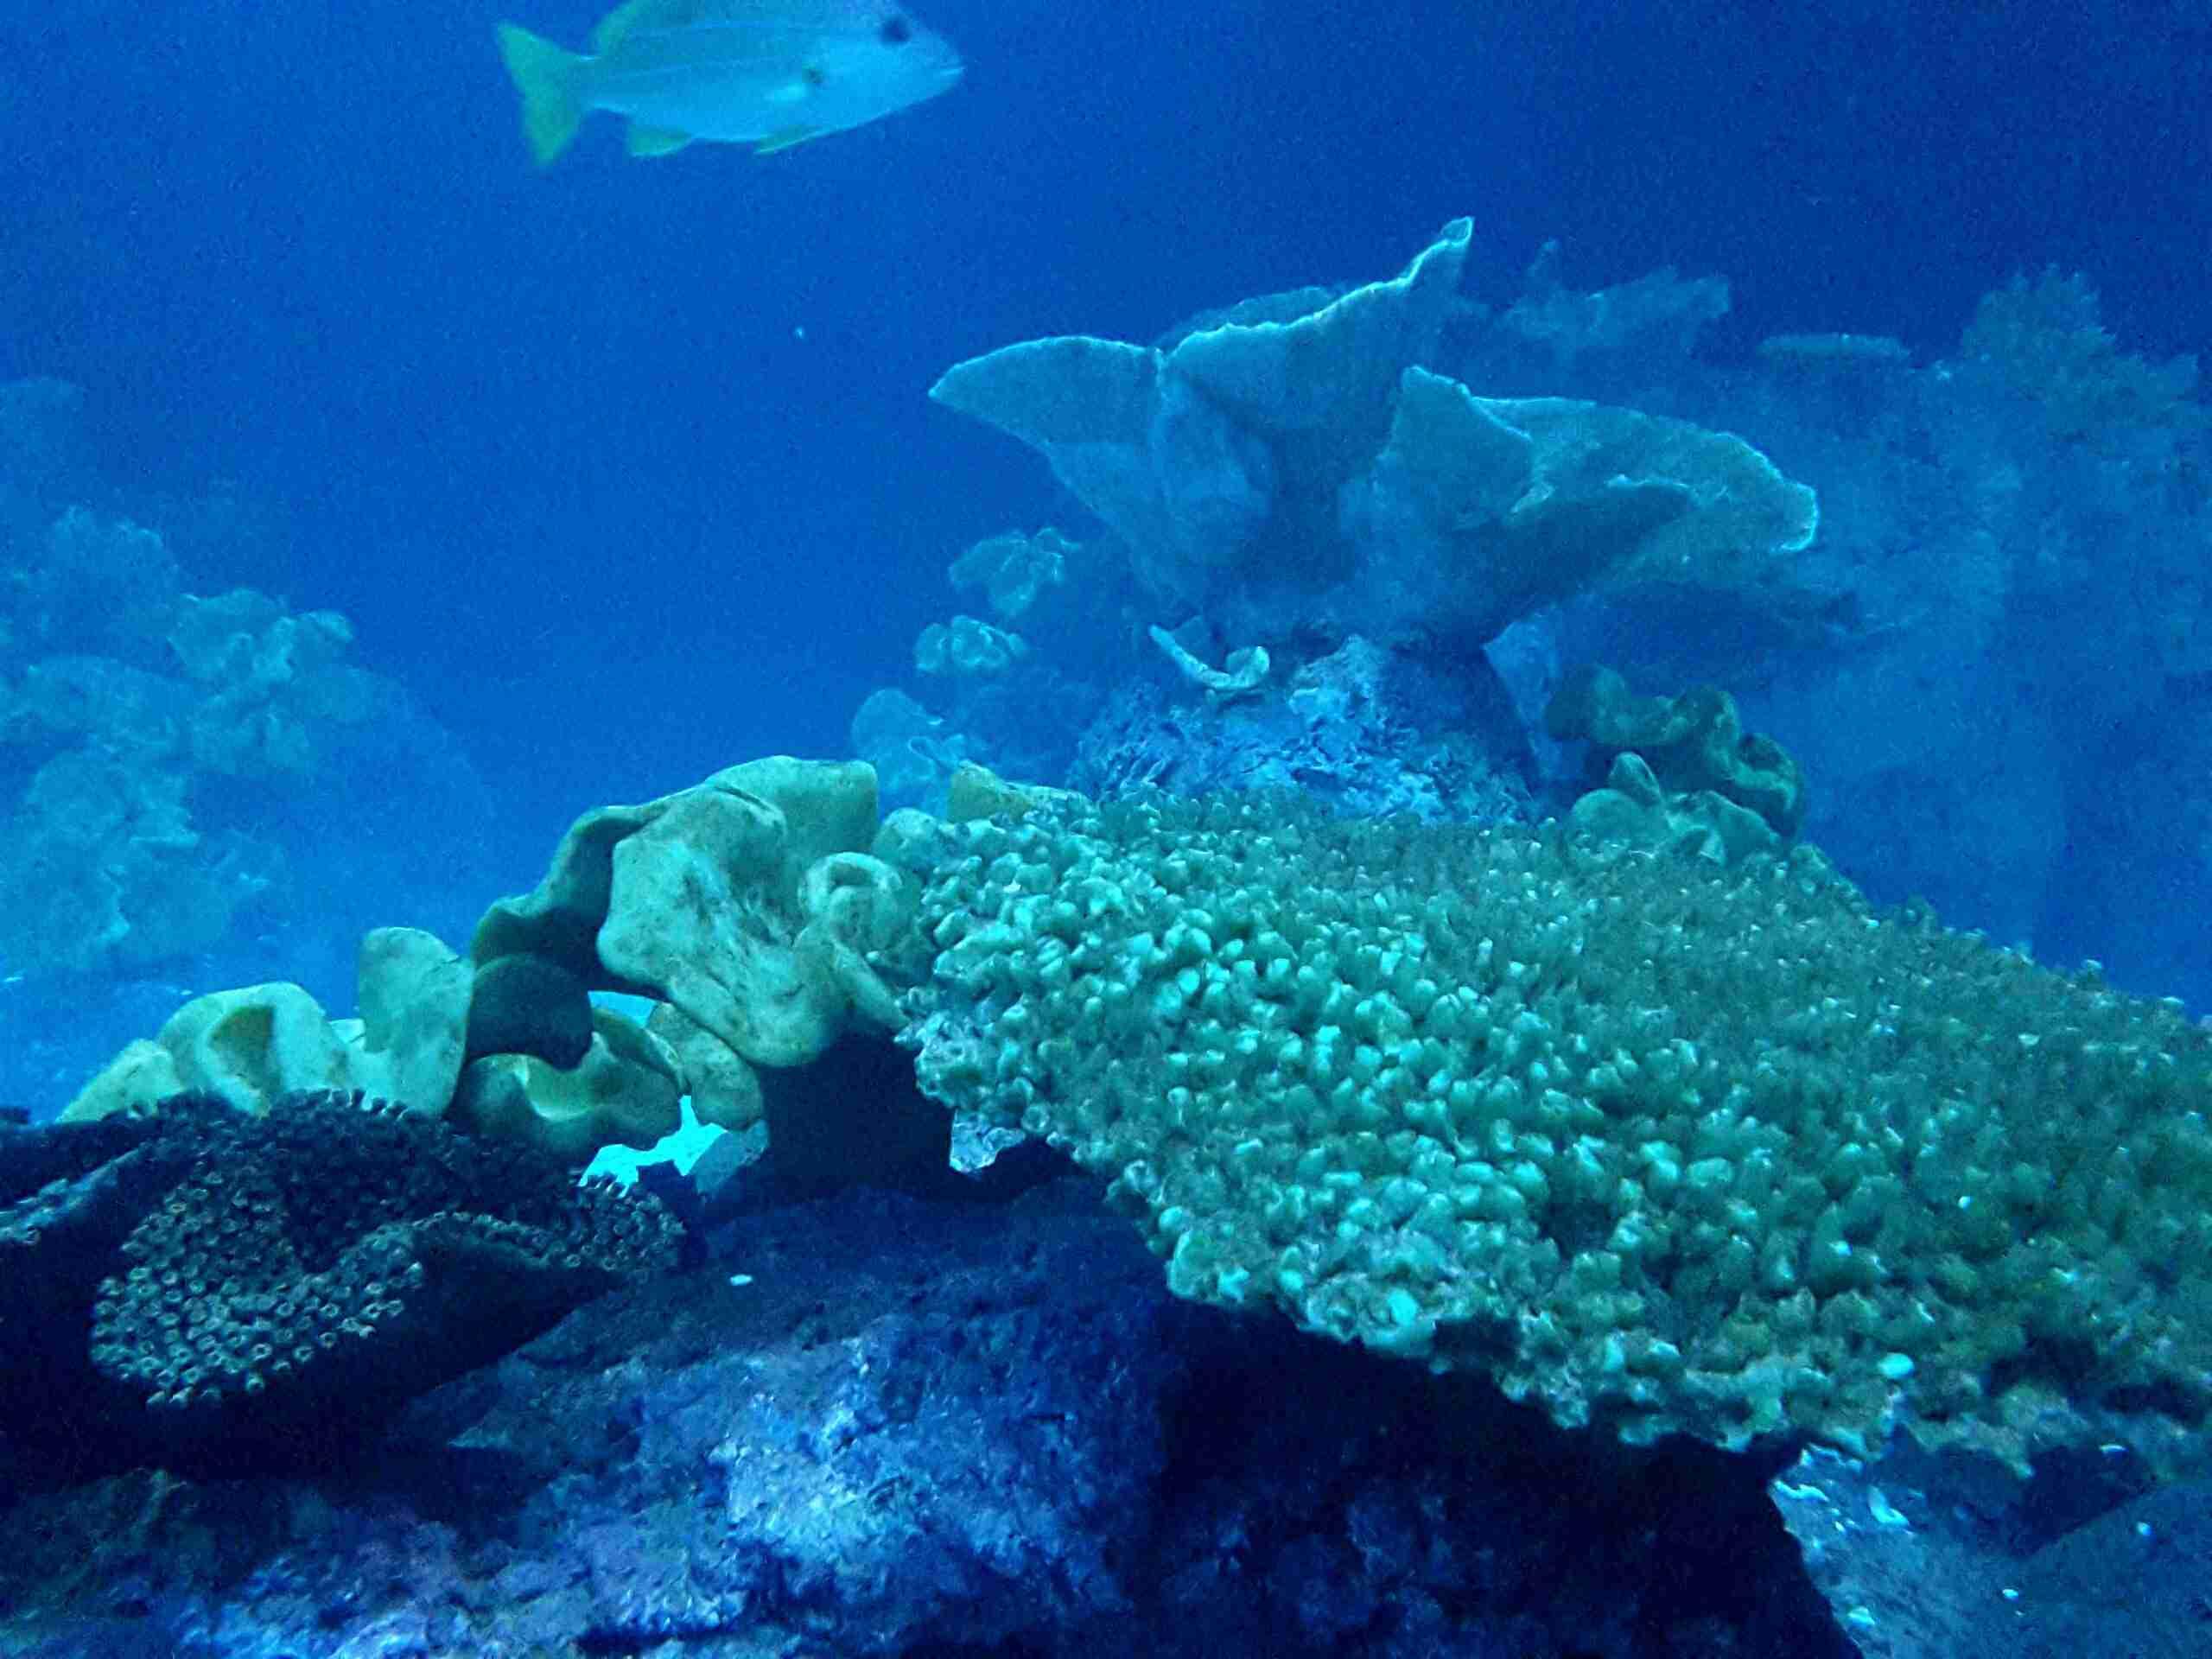 Fish And Corals At Shedd Aquarium